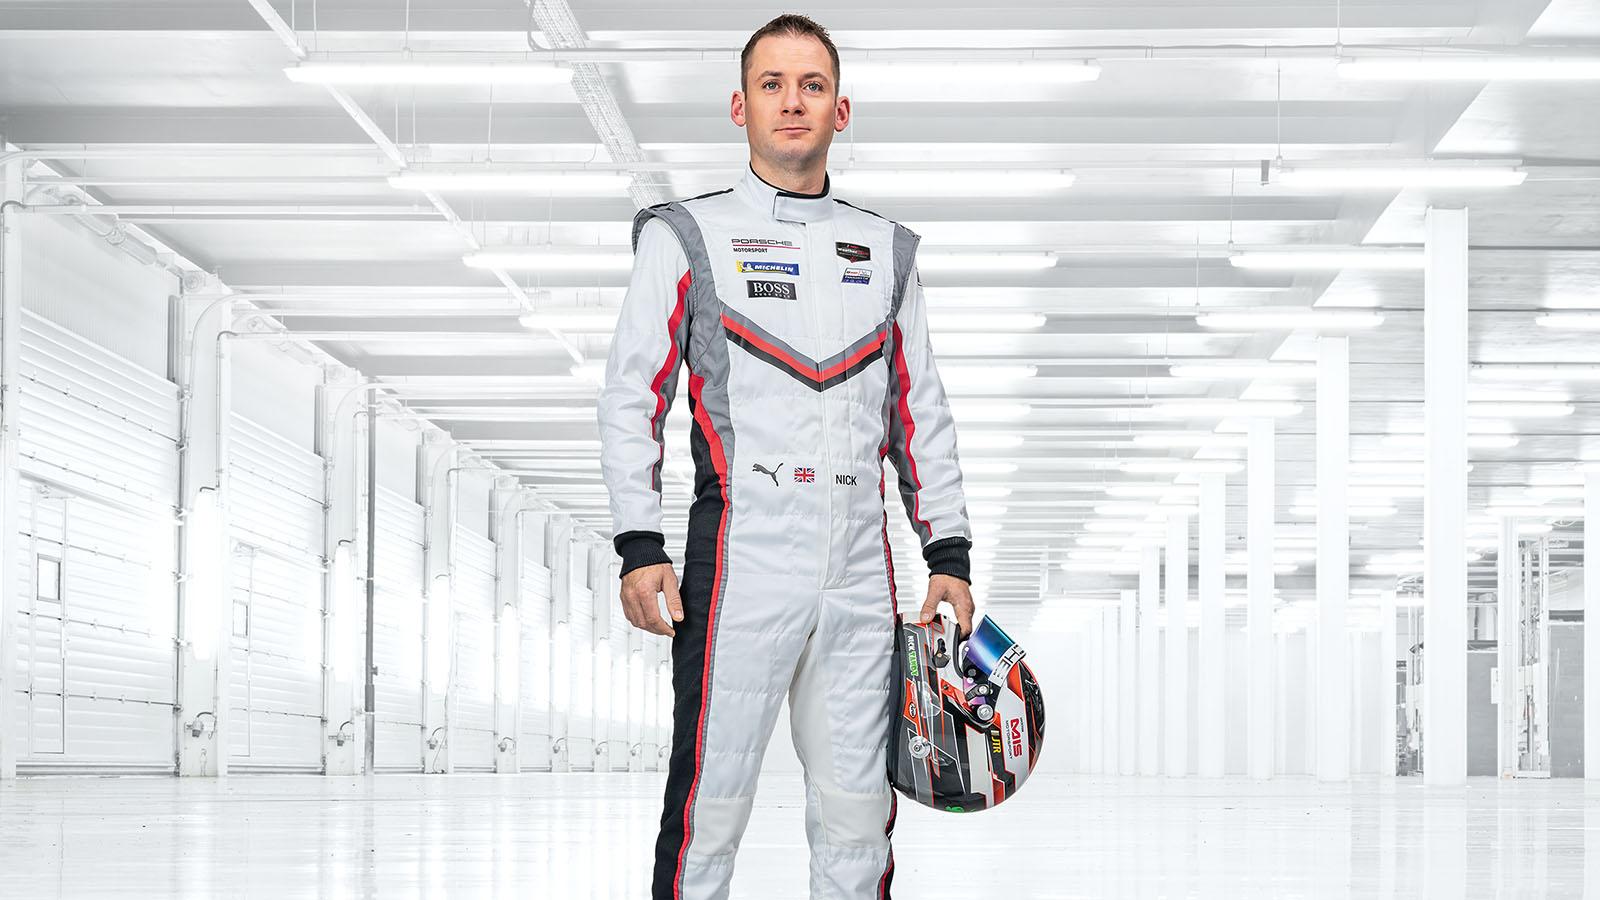 Porsche - Nick Tandy GBR